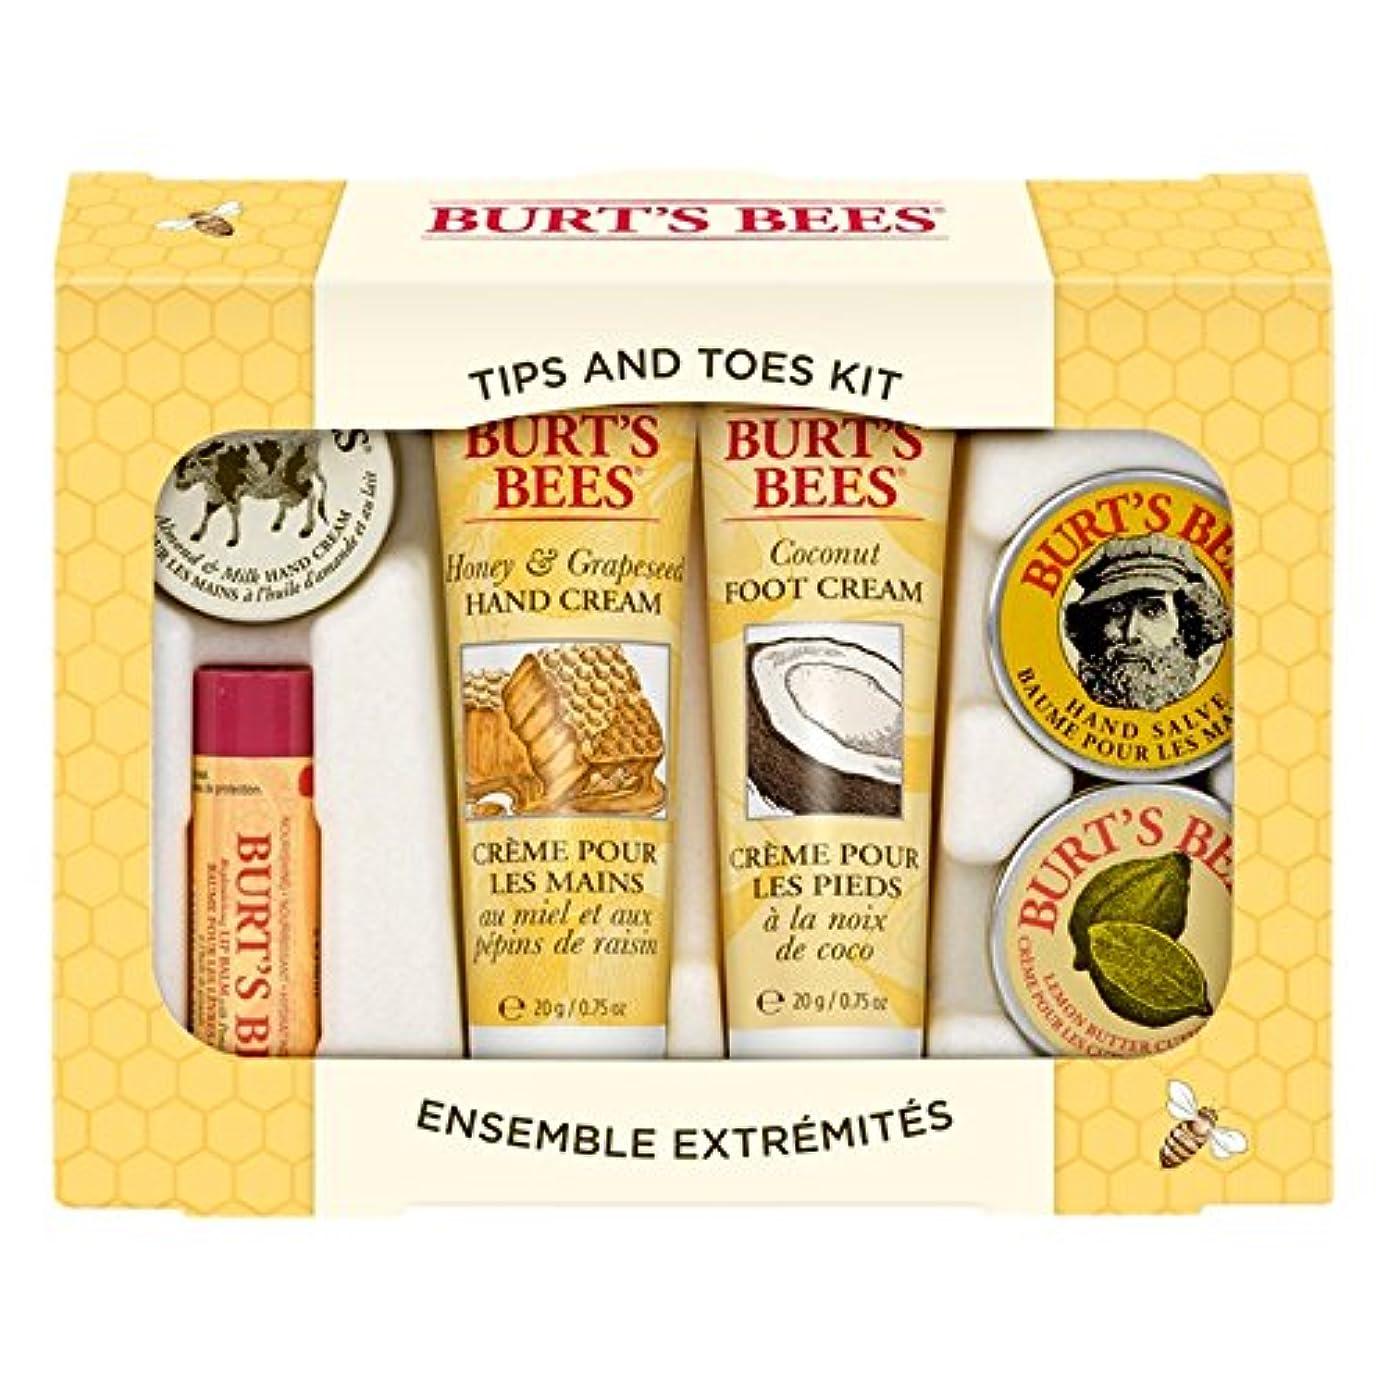 ビルダー凶暴な追い越すバーツビーのヒントとつま先はスターターキットをスキンケア (Burt's Bees) (x6) - Burt's Bees Tips And Toes Skincare Starter Kit (Pack of 6) [並行輸入品]